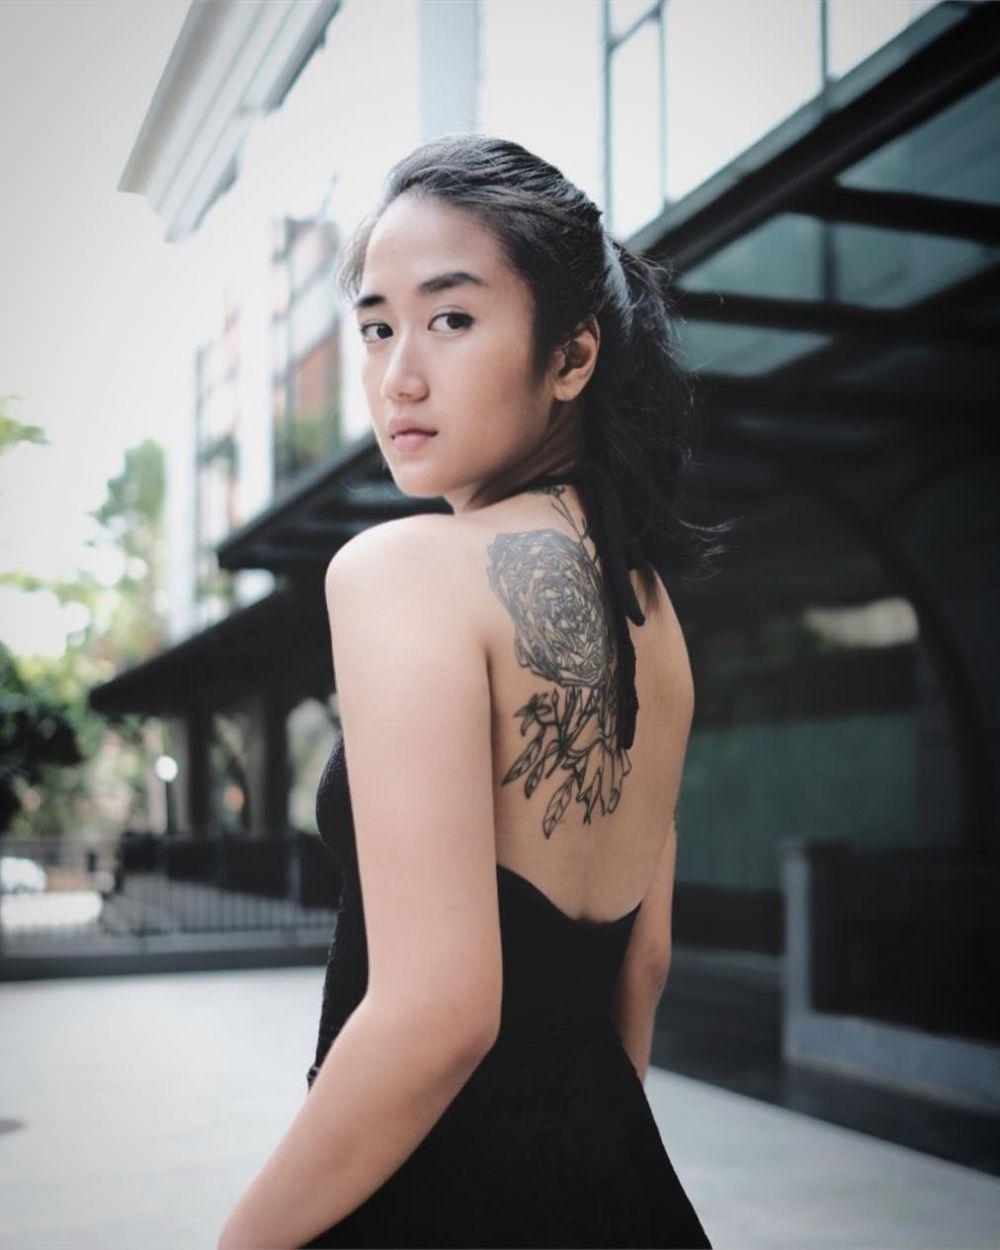 peserta masterchef punya tato © Instagram